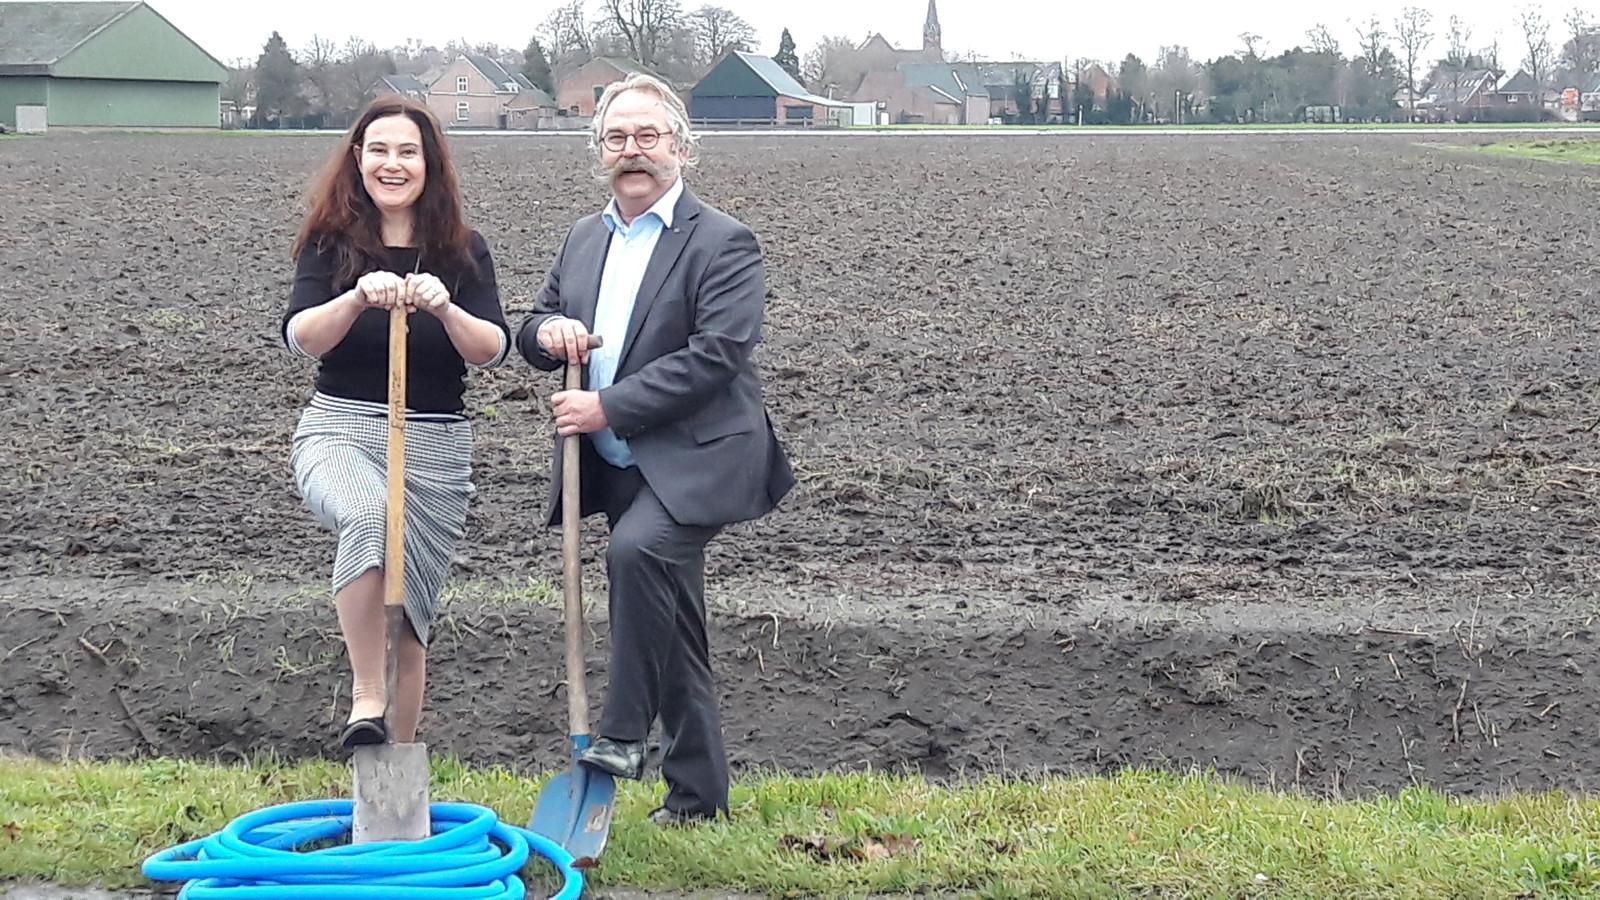 Silvia Heijnen en wethouder Cees Lok zetten eind december symbolisch de eerste schoppen in de grond voor de aanleg van glasvezel in het buitengebied.